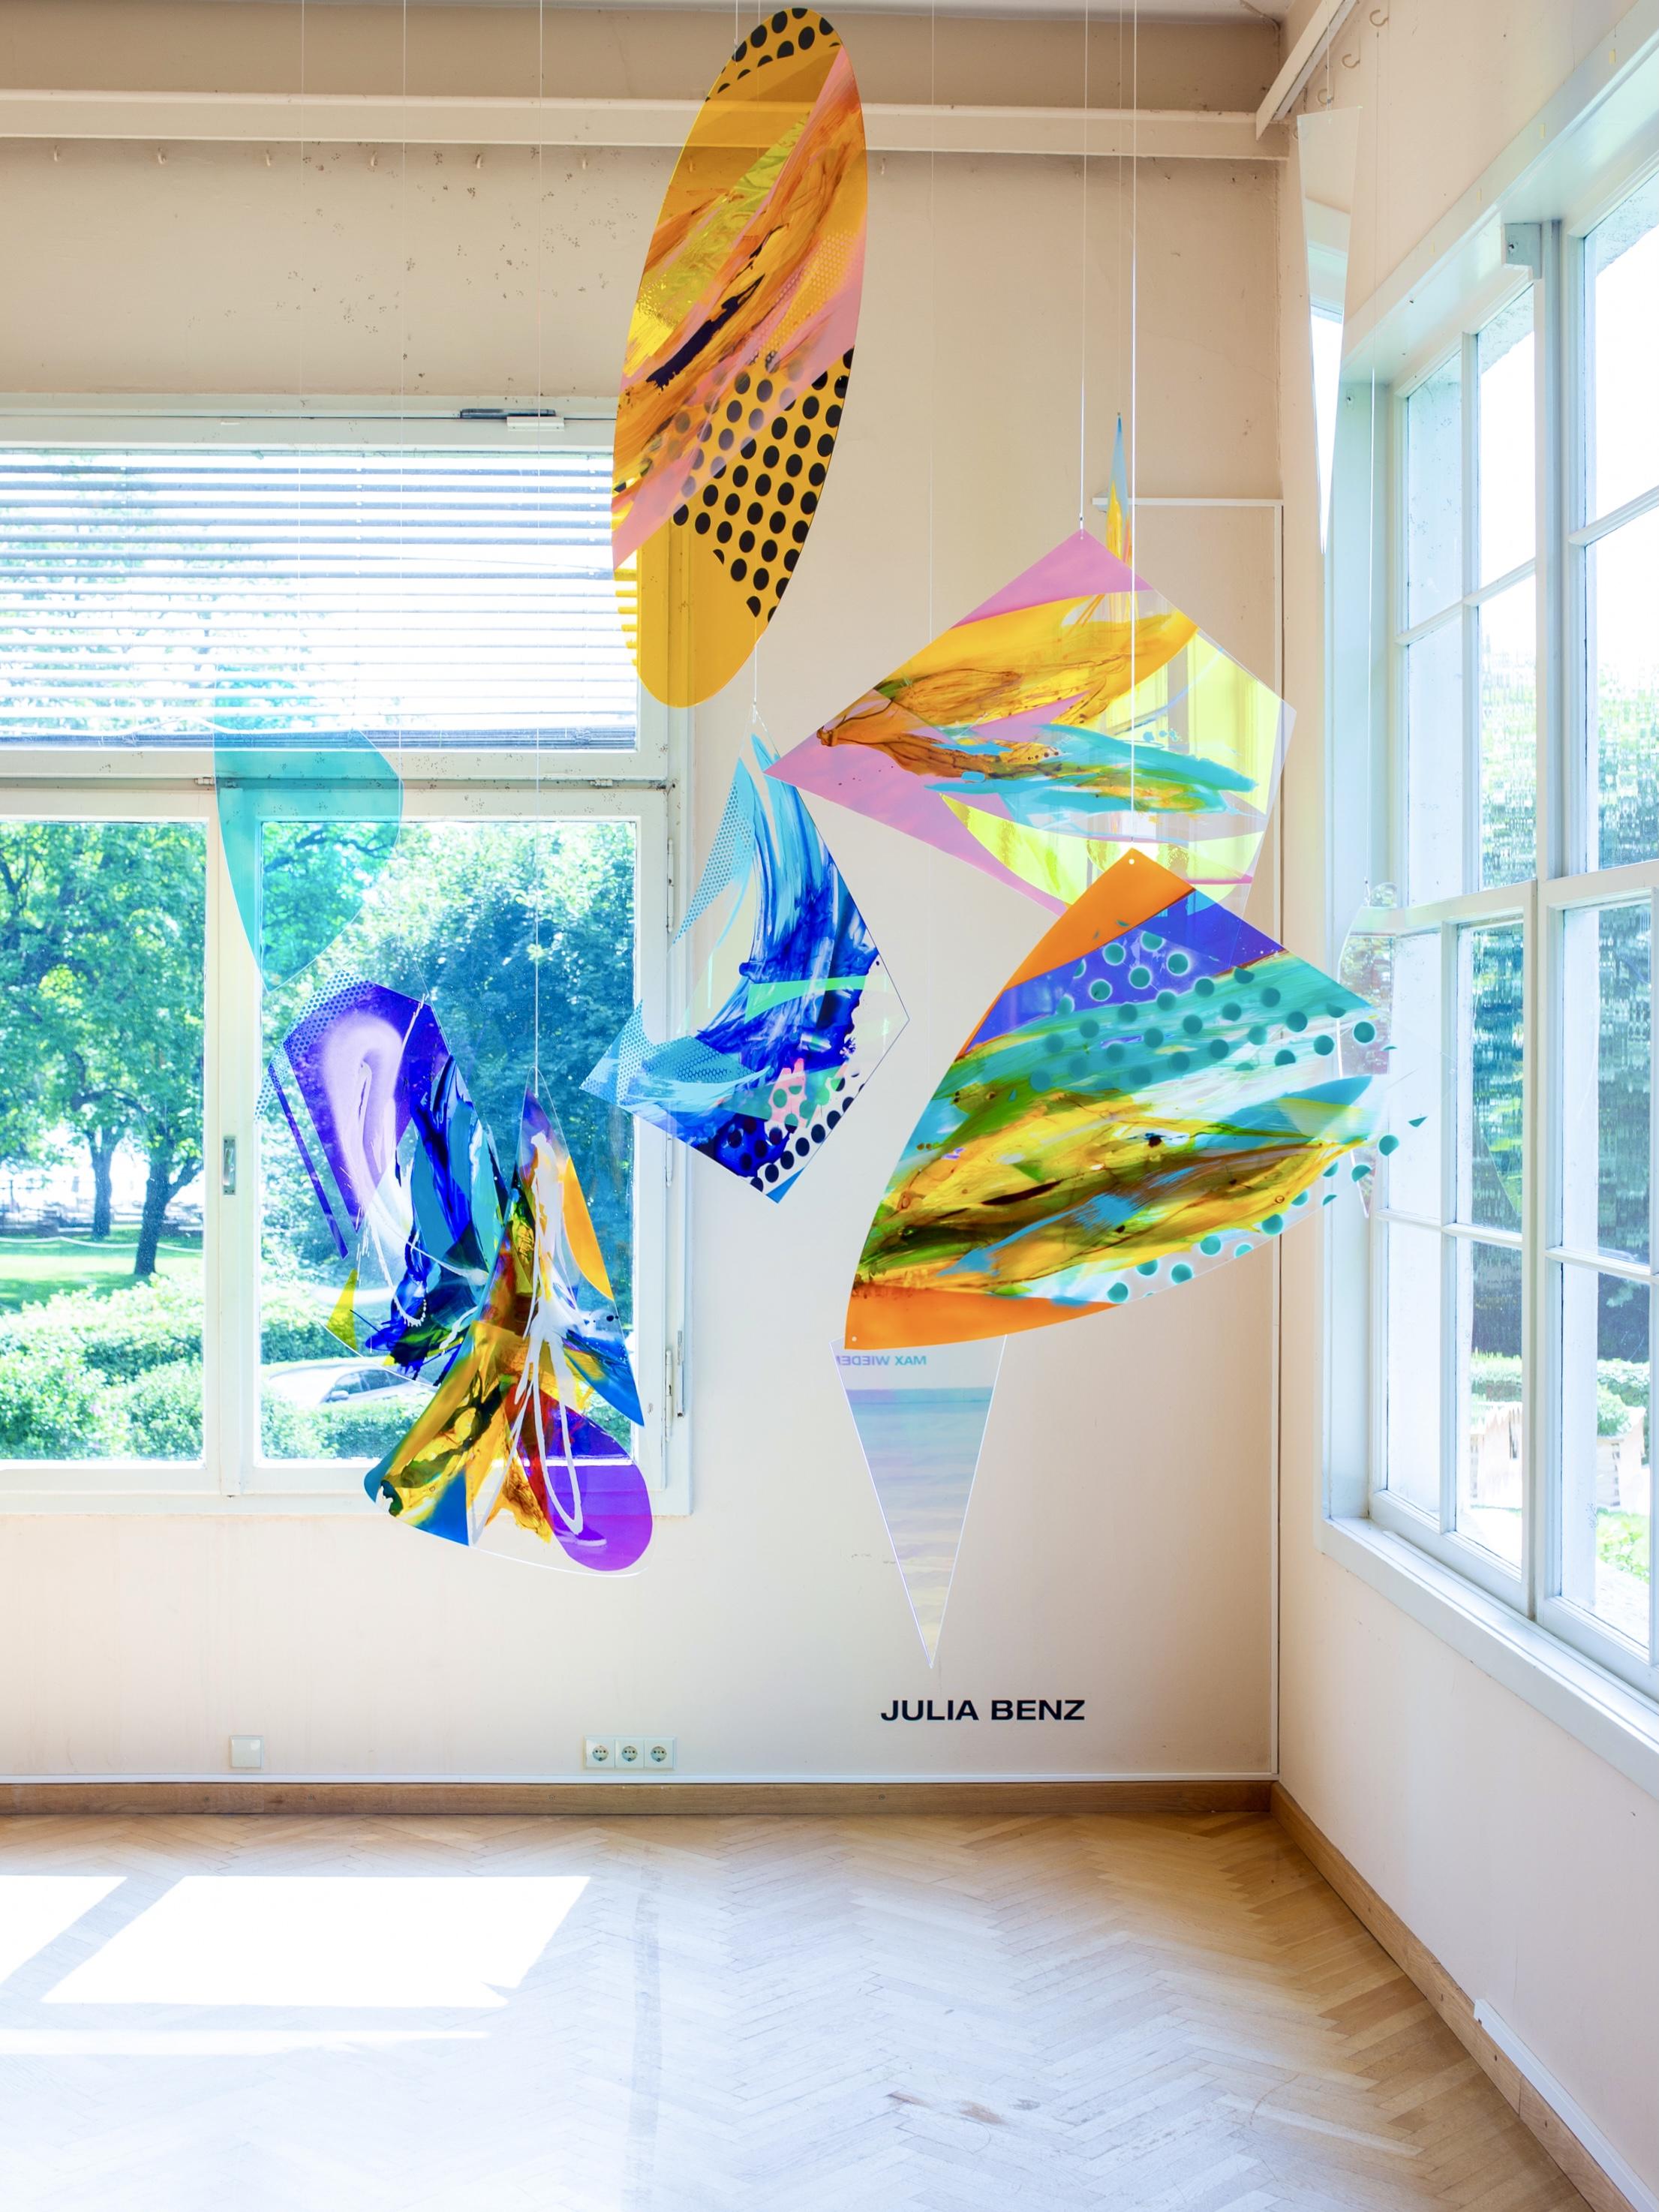 JuliaBenz_Prisma Installation Wörtersee_008